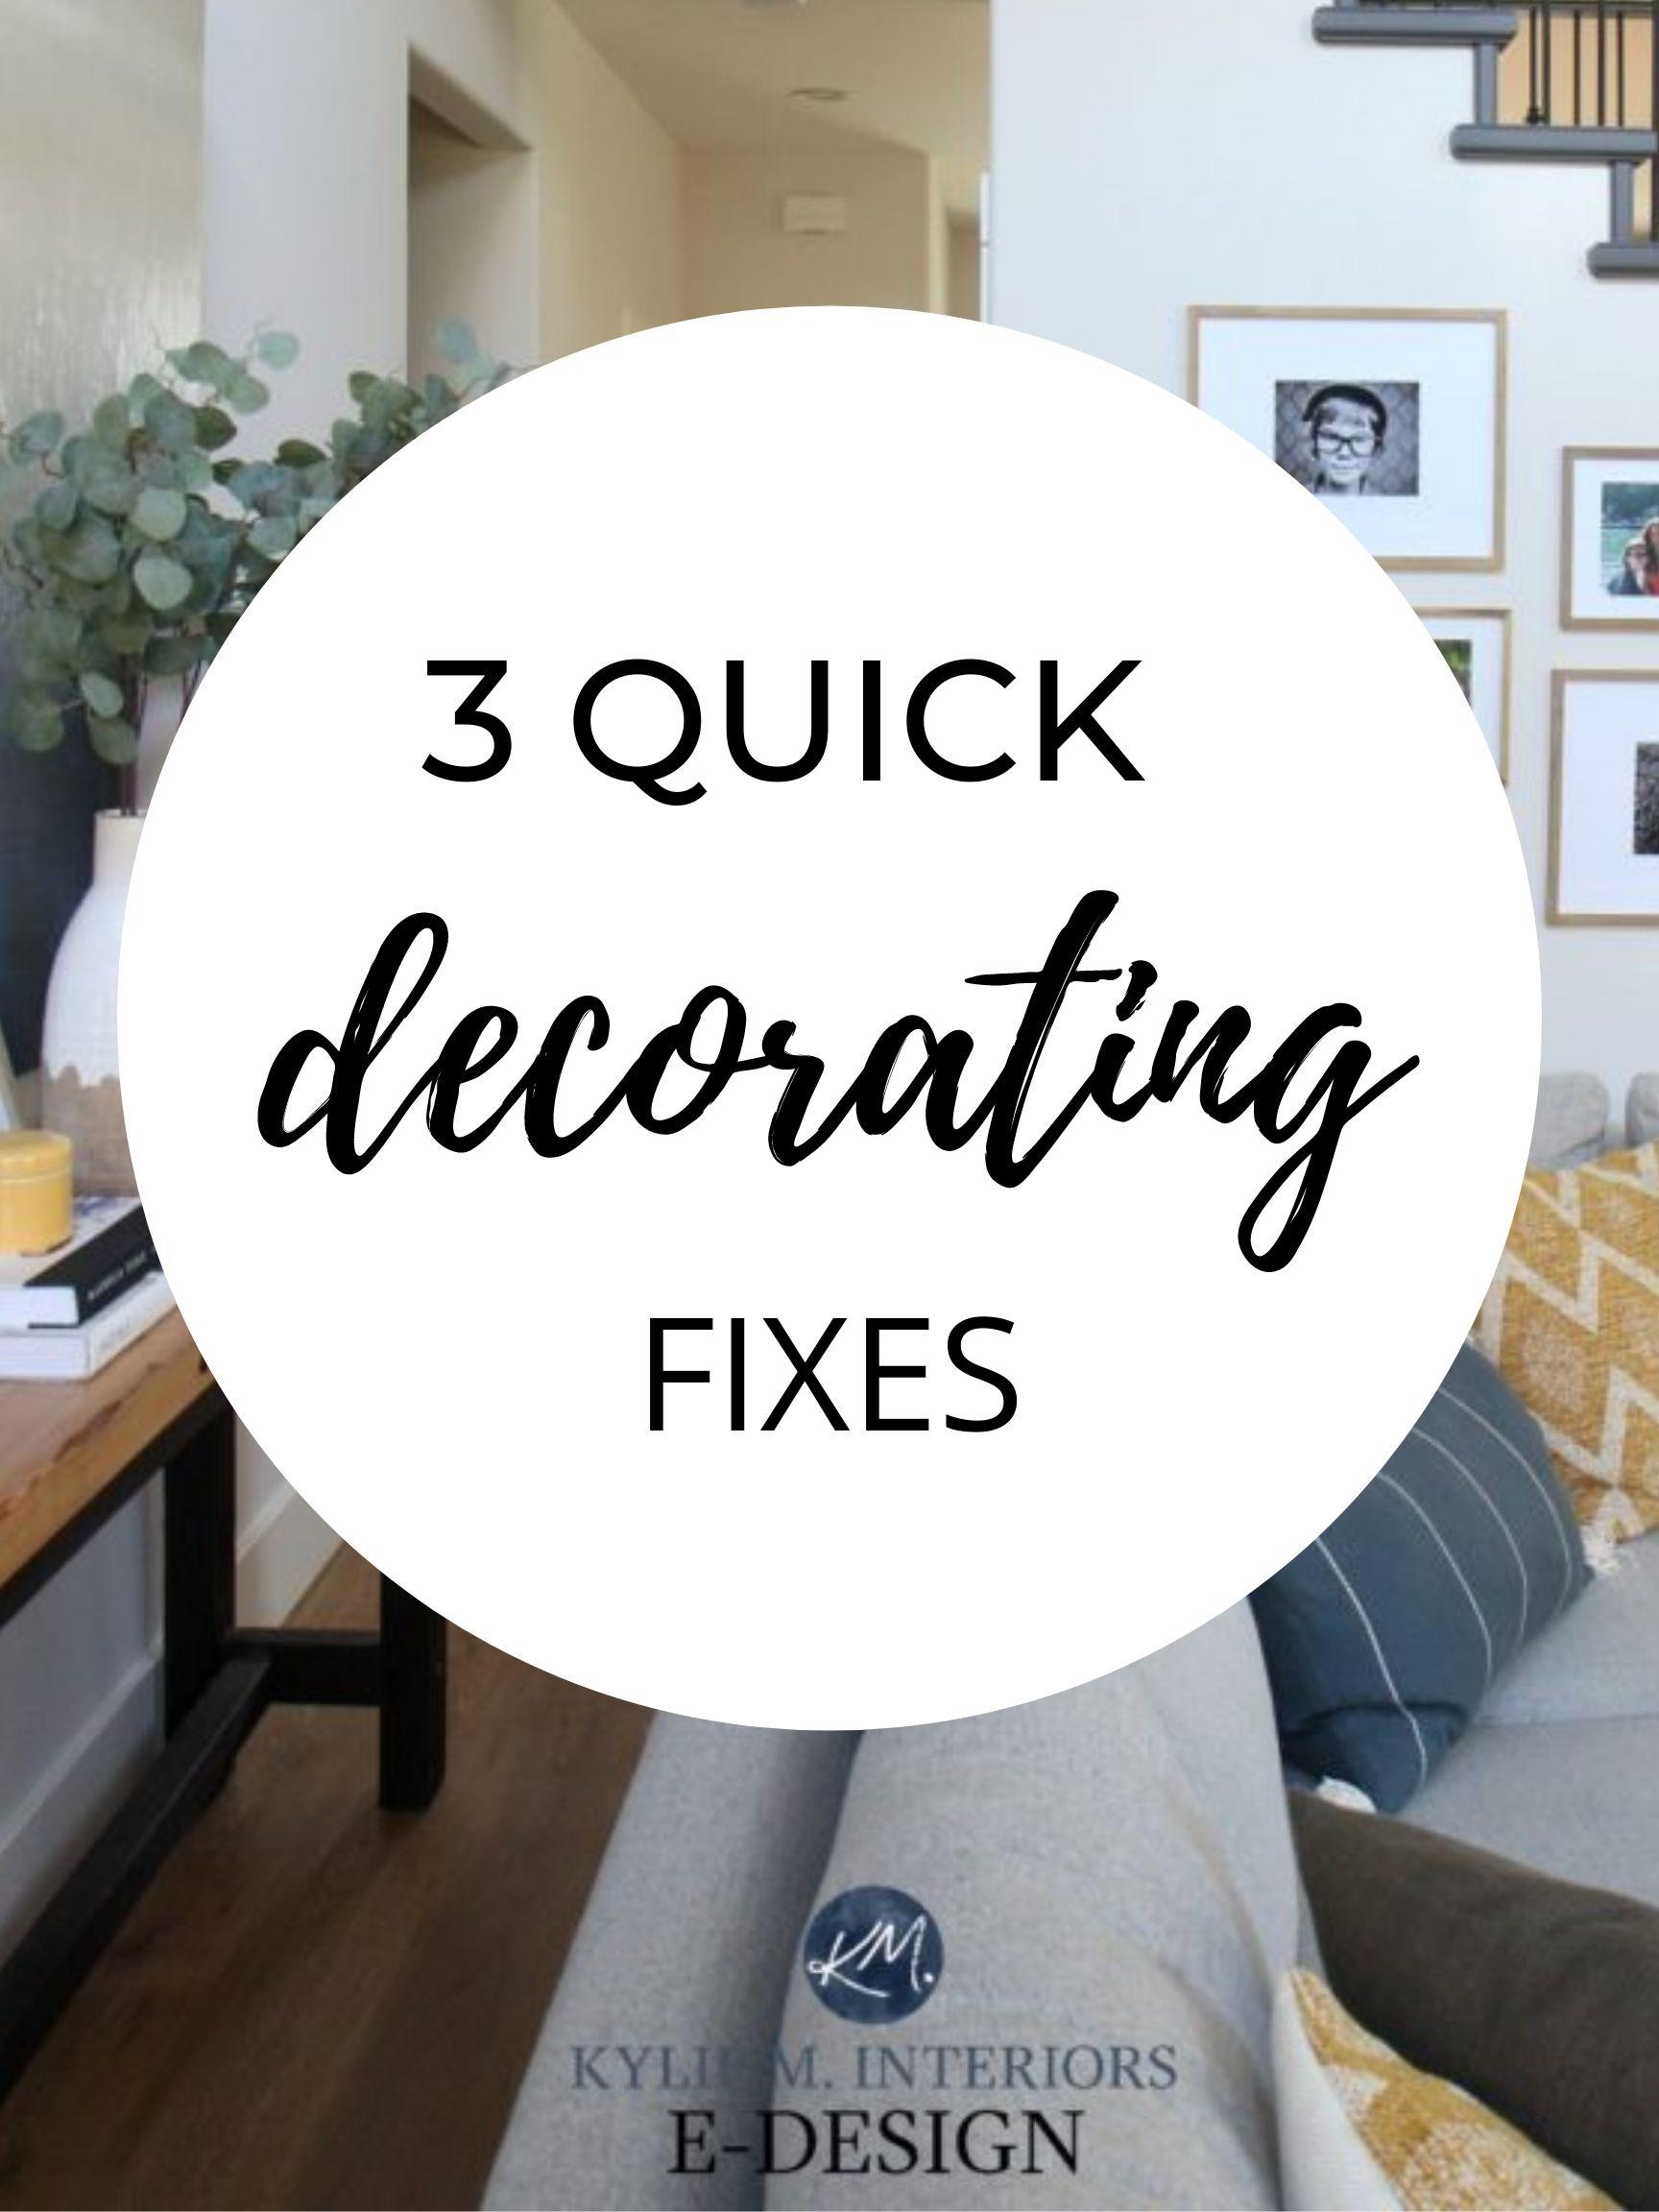 How to fix, design, decorate a room lighting, artwork, home decor. Kylie M Interiors diy edesign